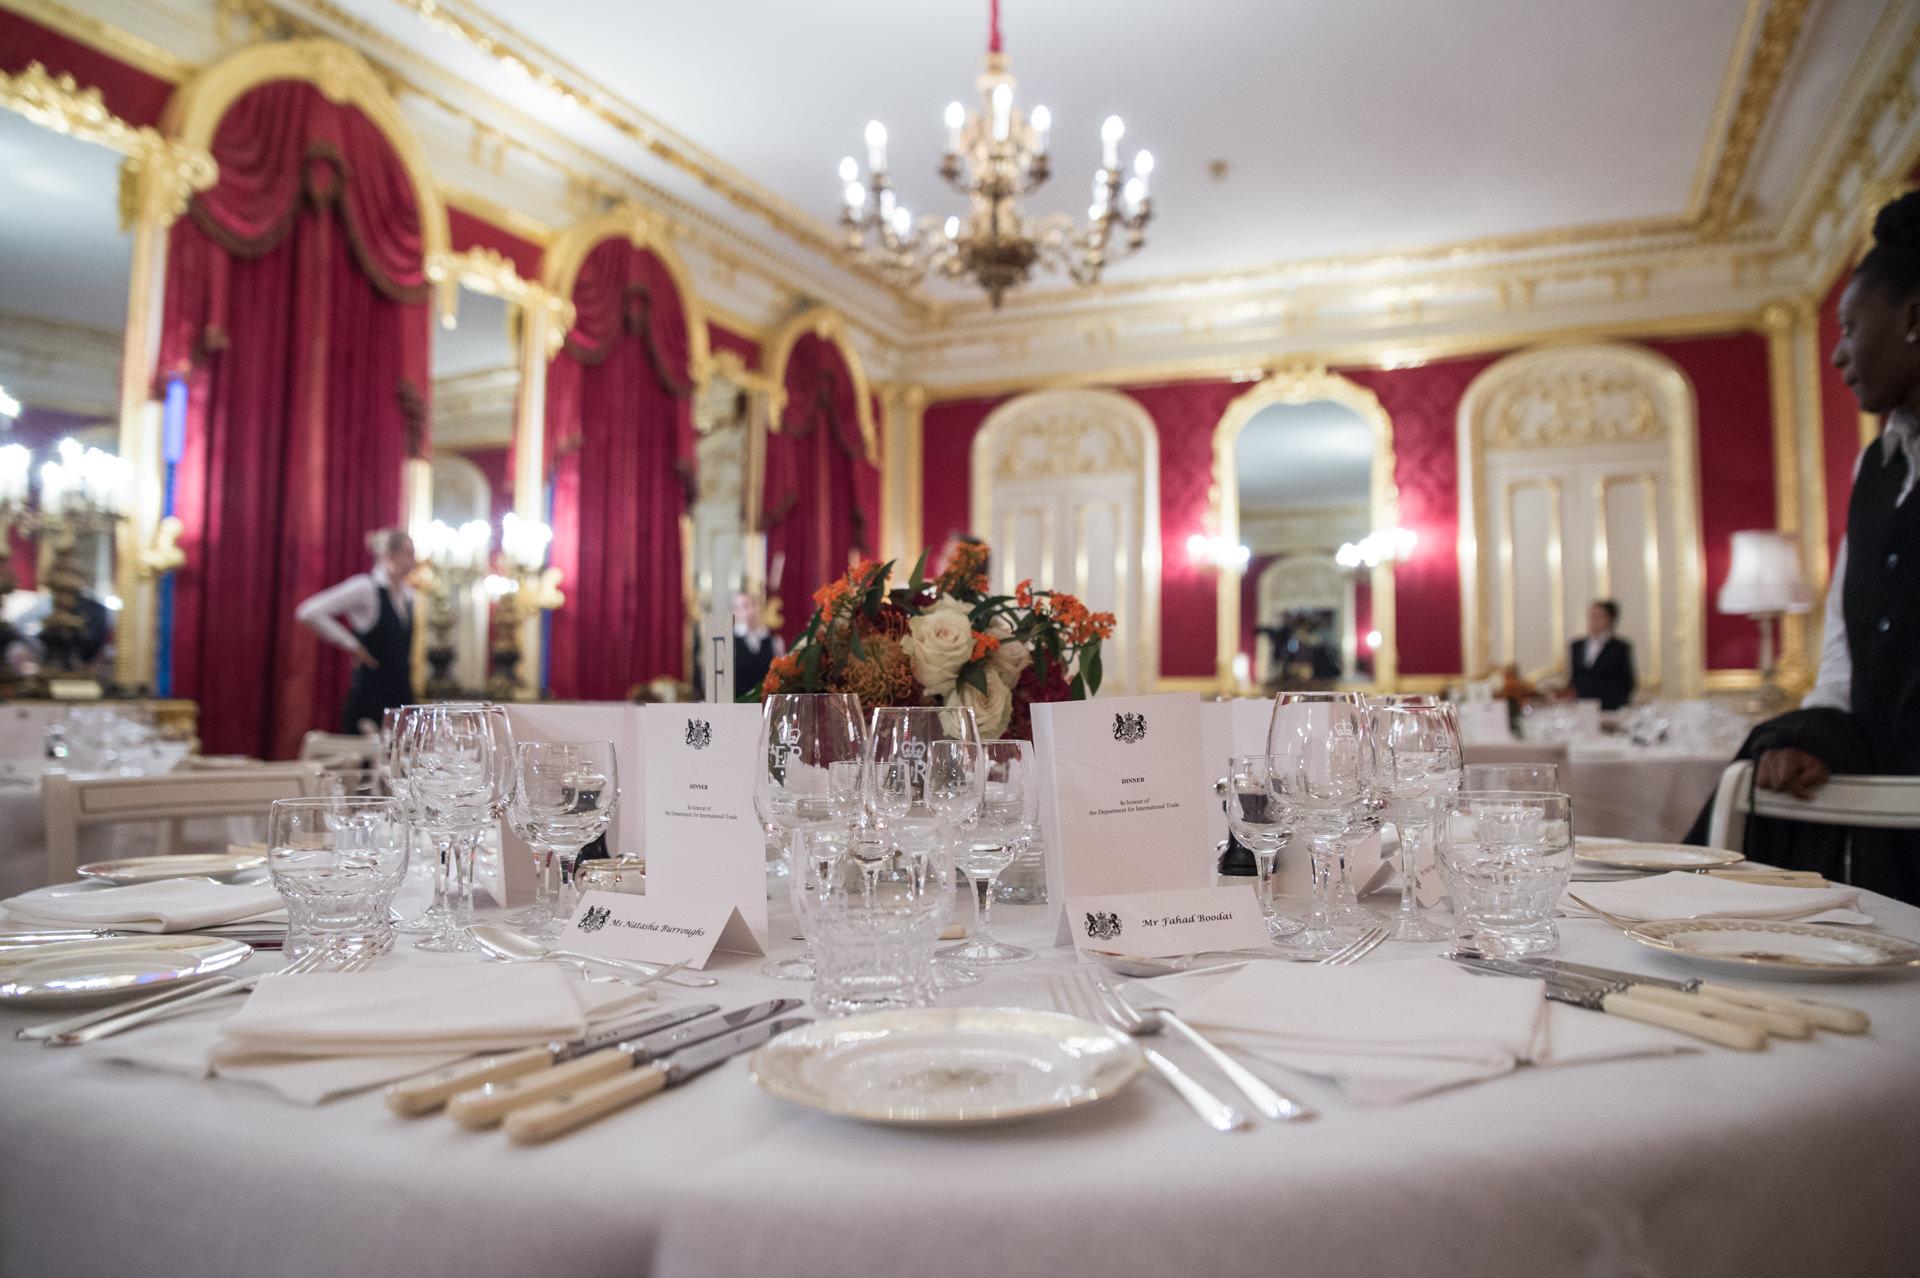 Lancaster House dinner table setting